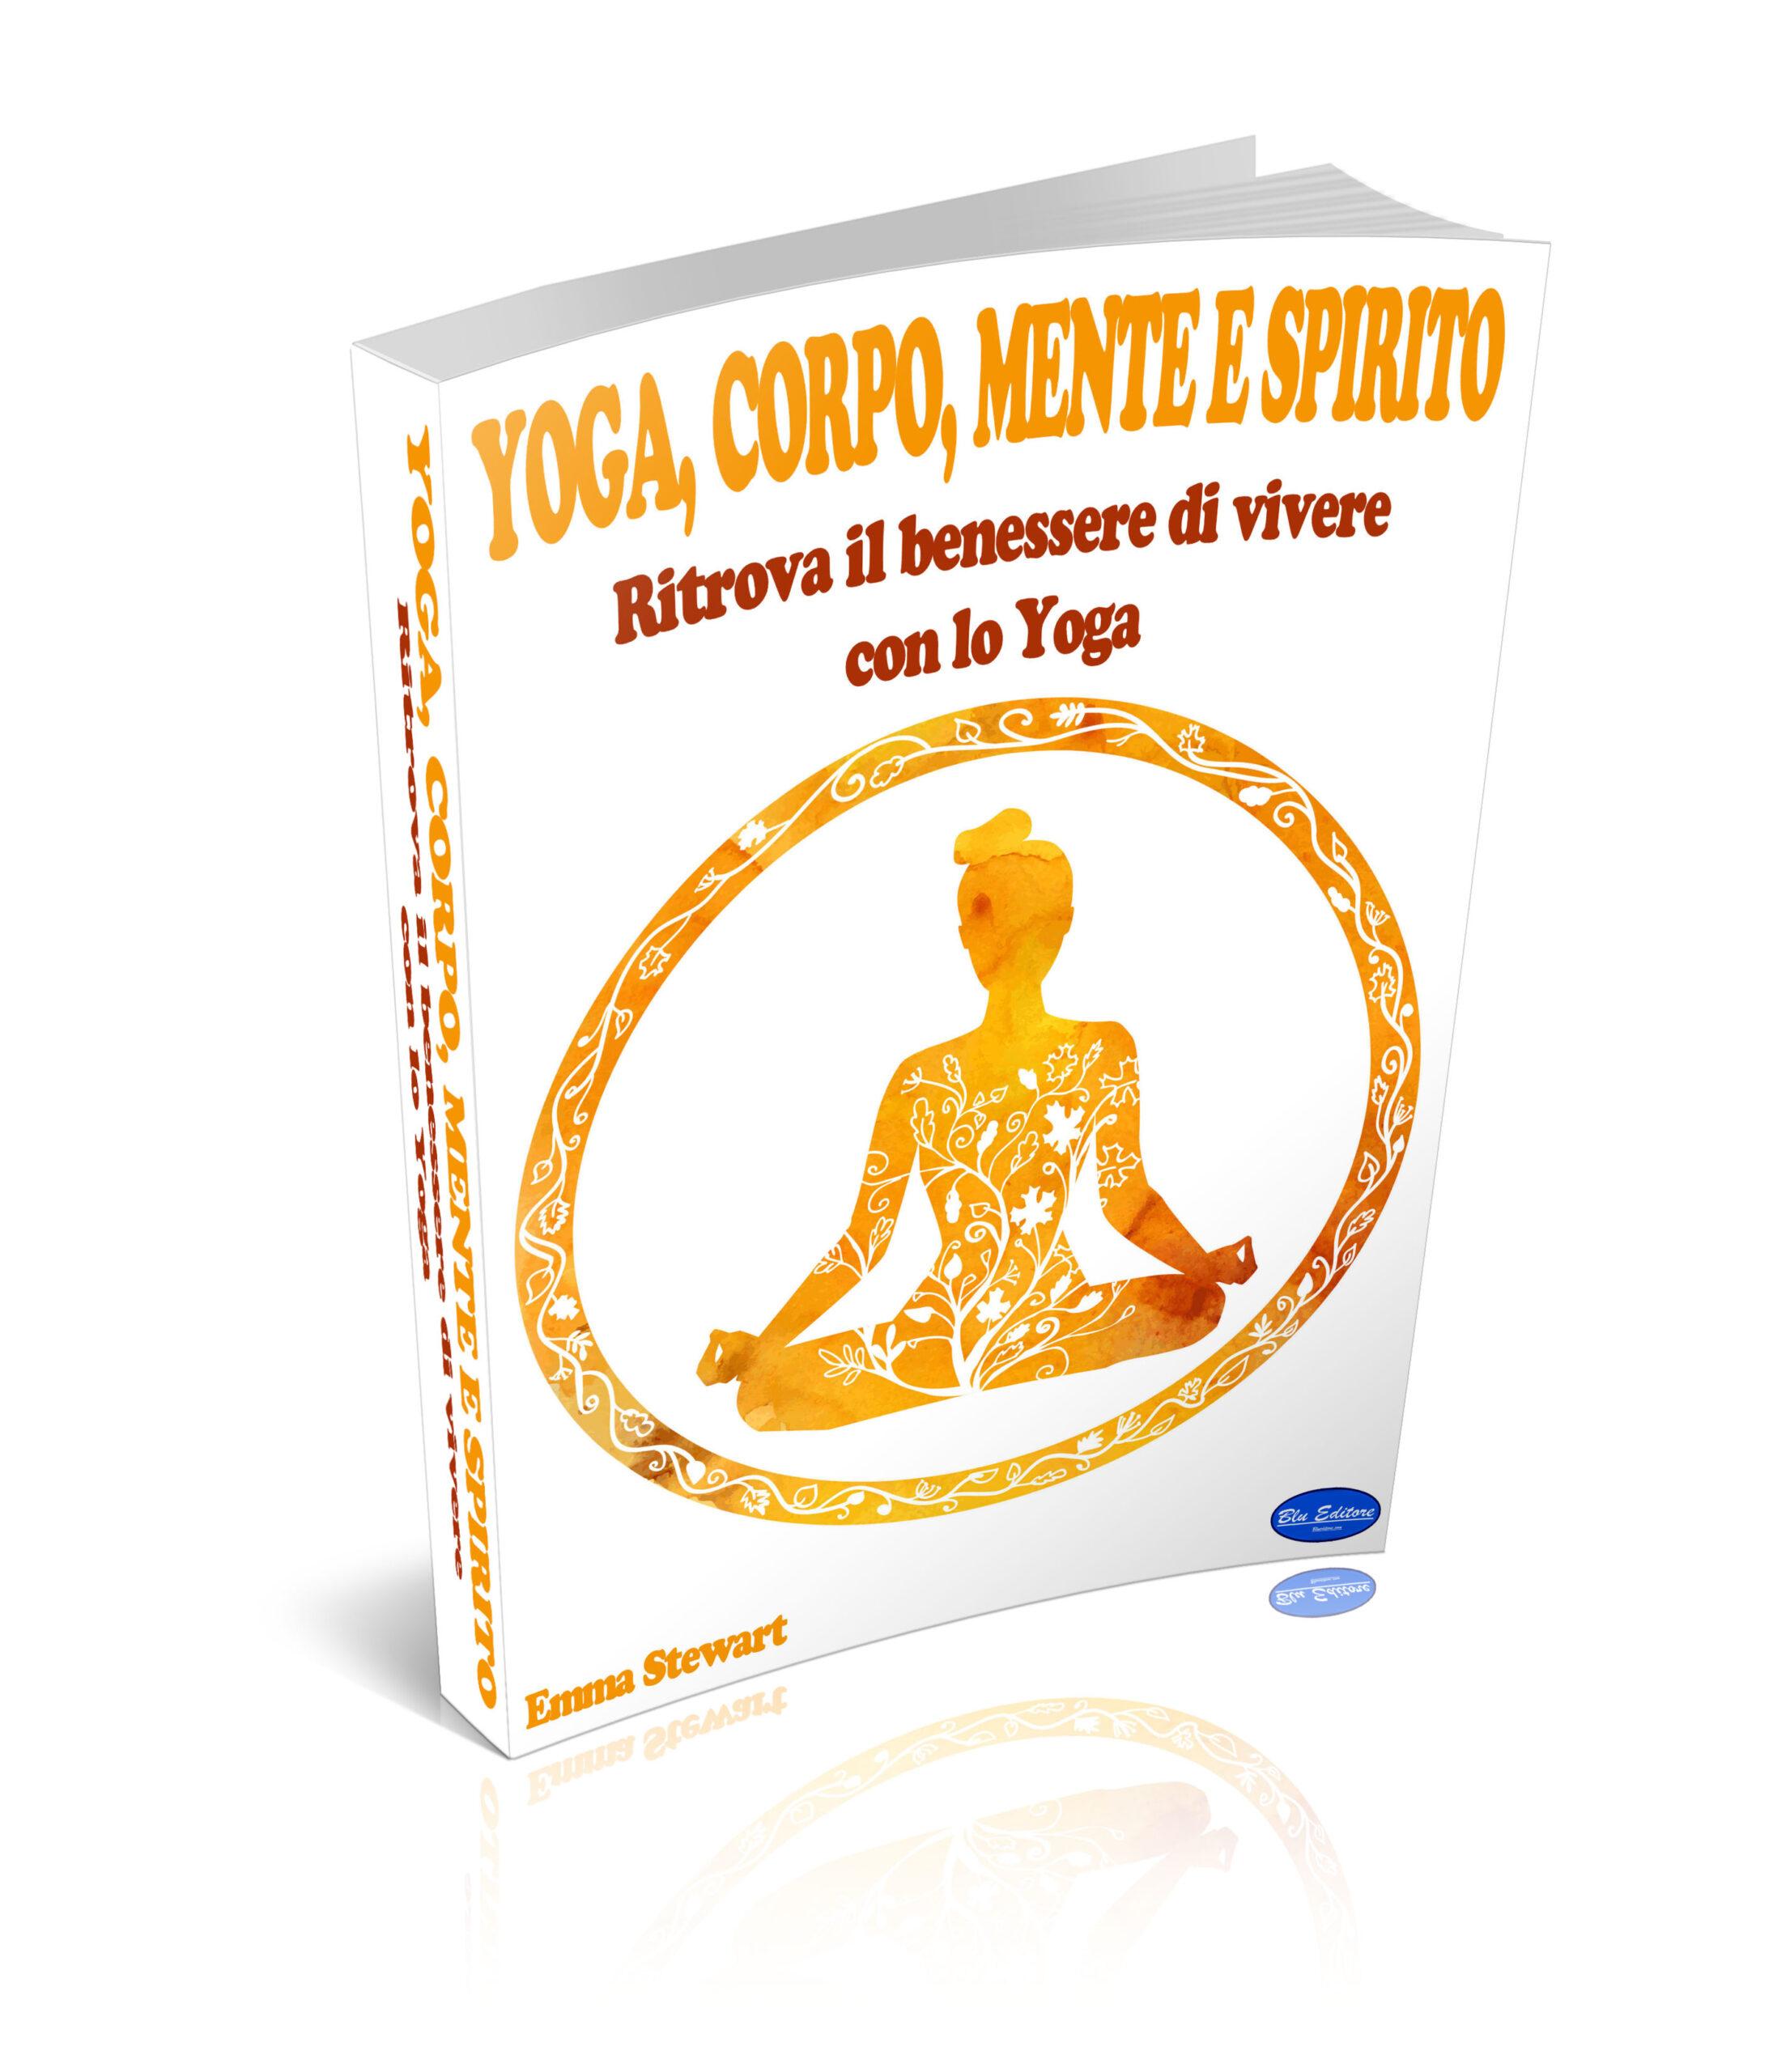 Yoga, Corpo Mente e Spirito